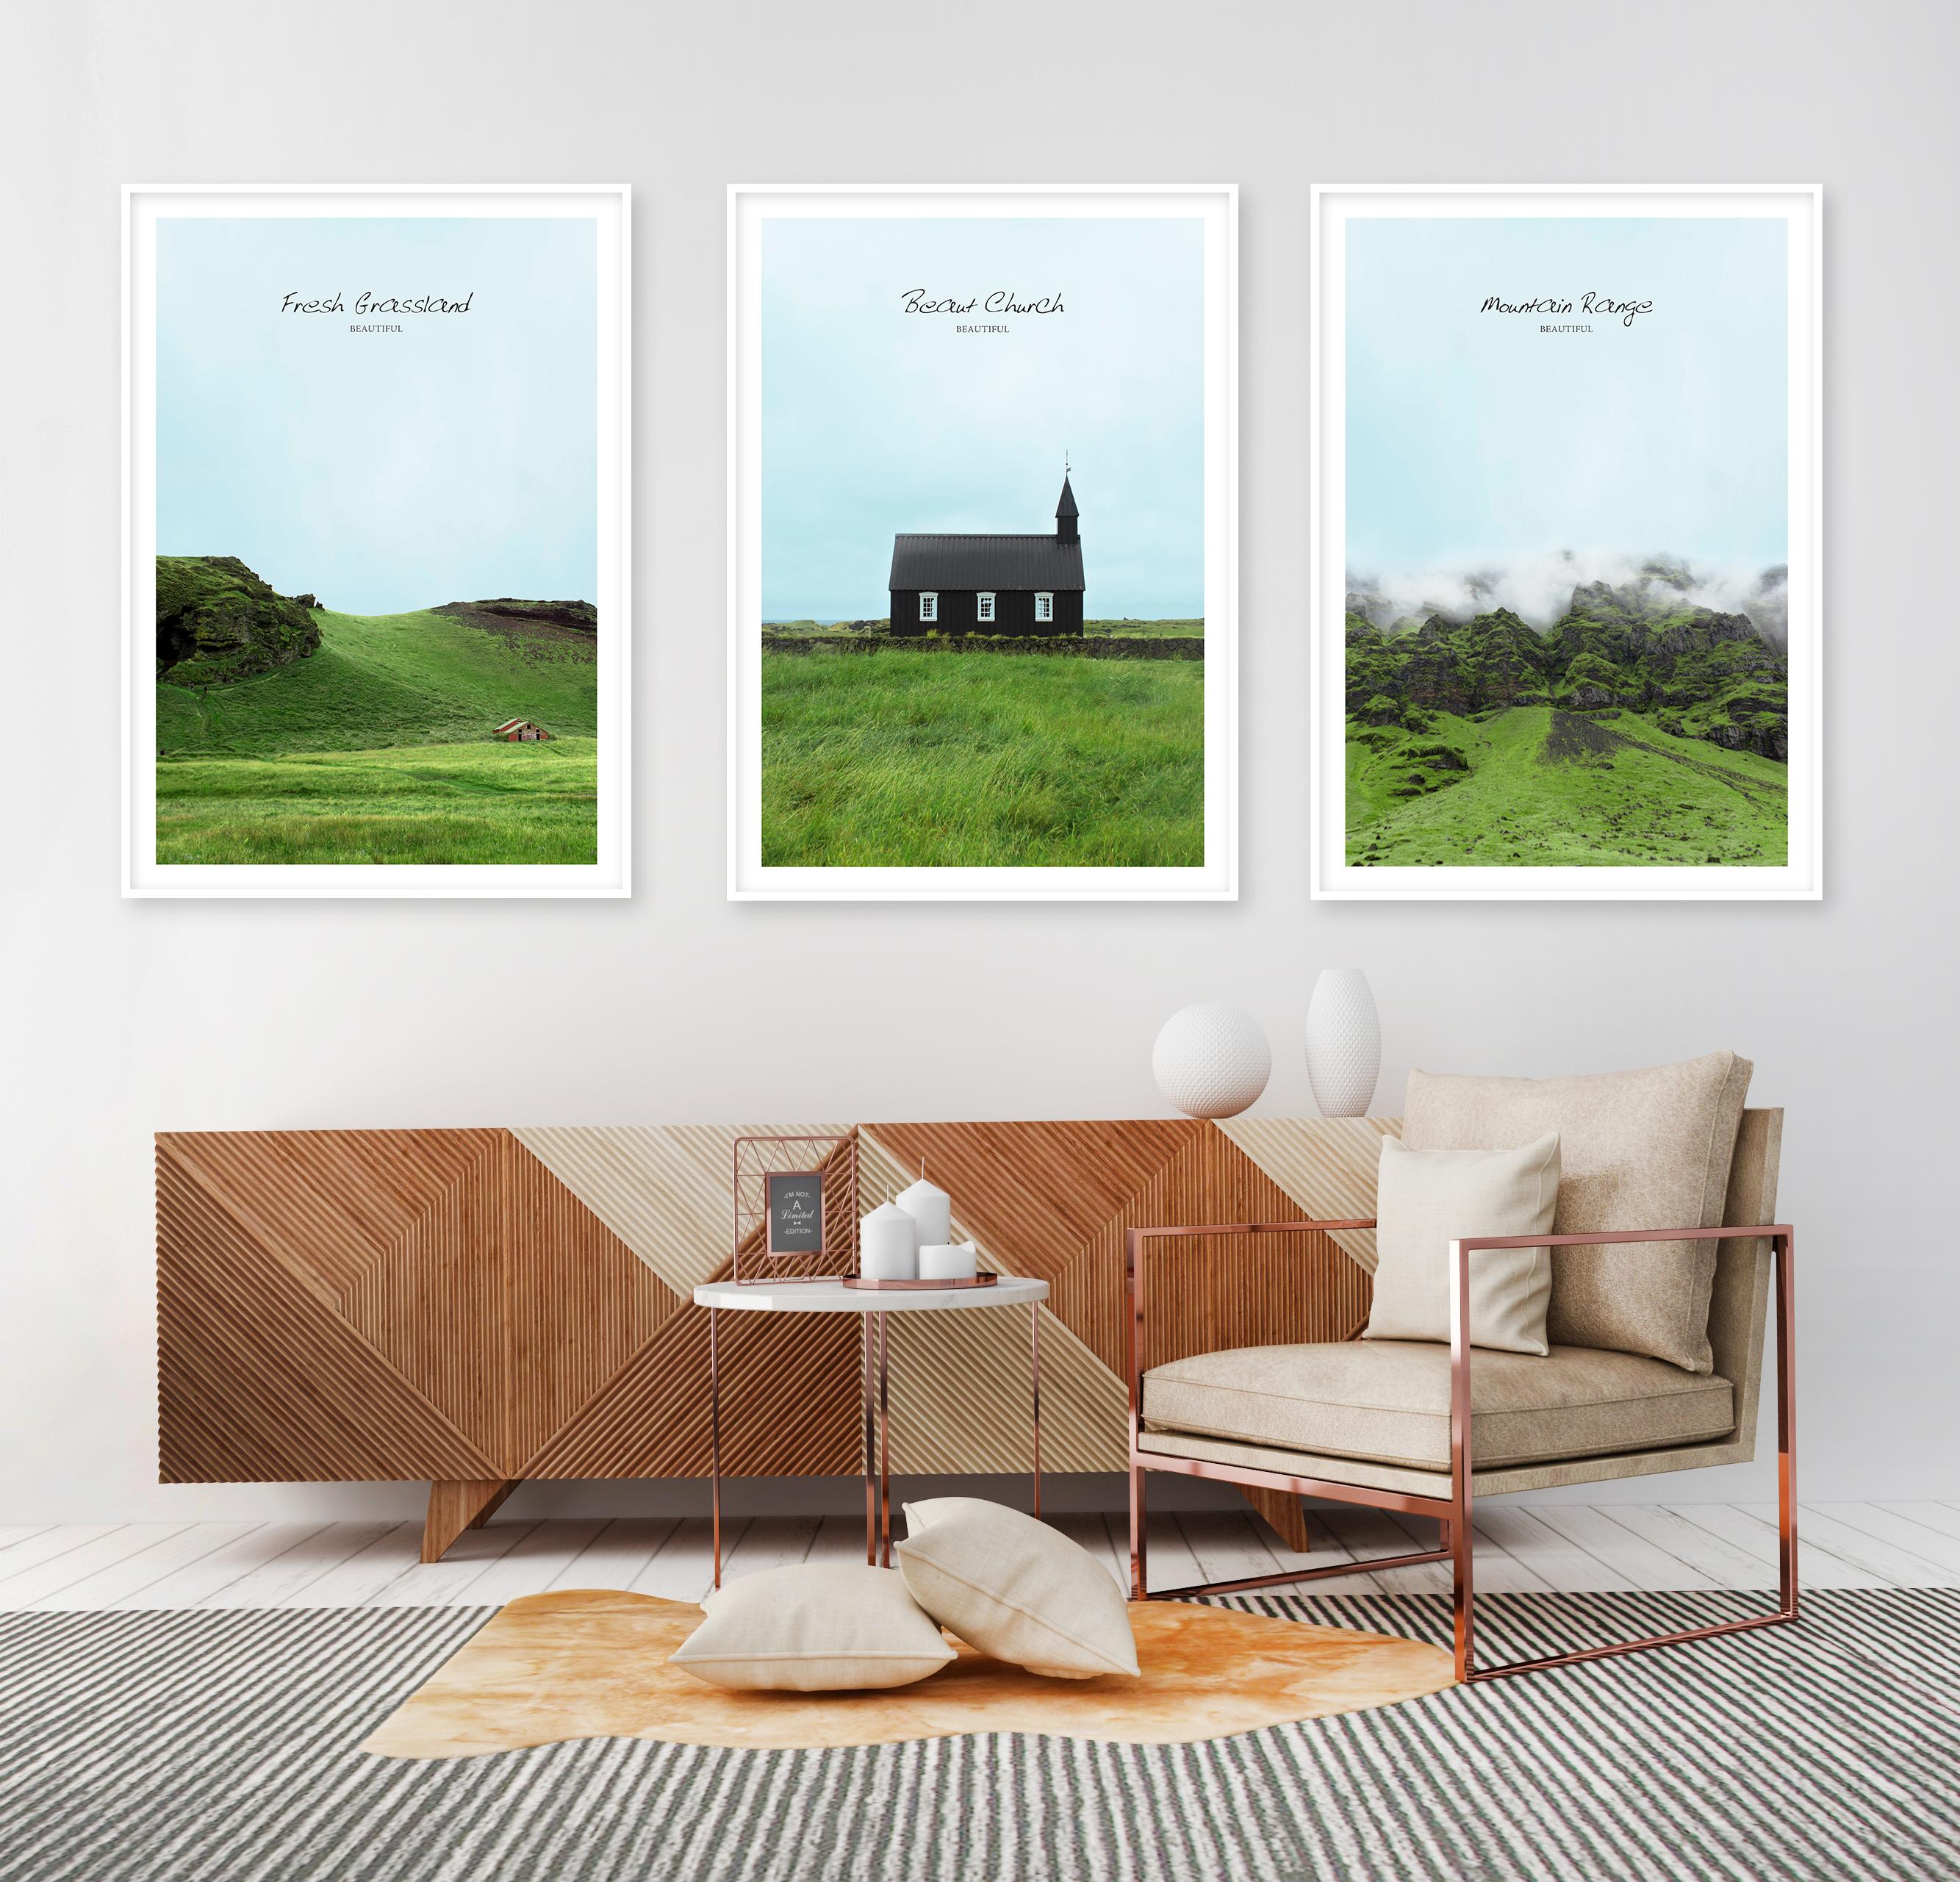 Tranh bộ 3 bức ngôi nhà và thảm cỏ xanh